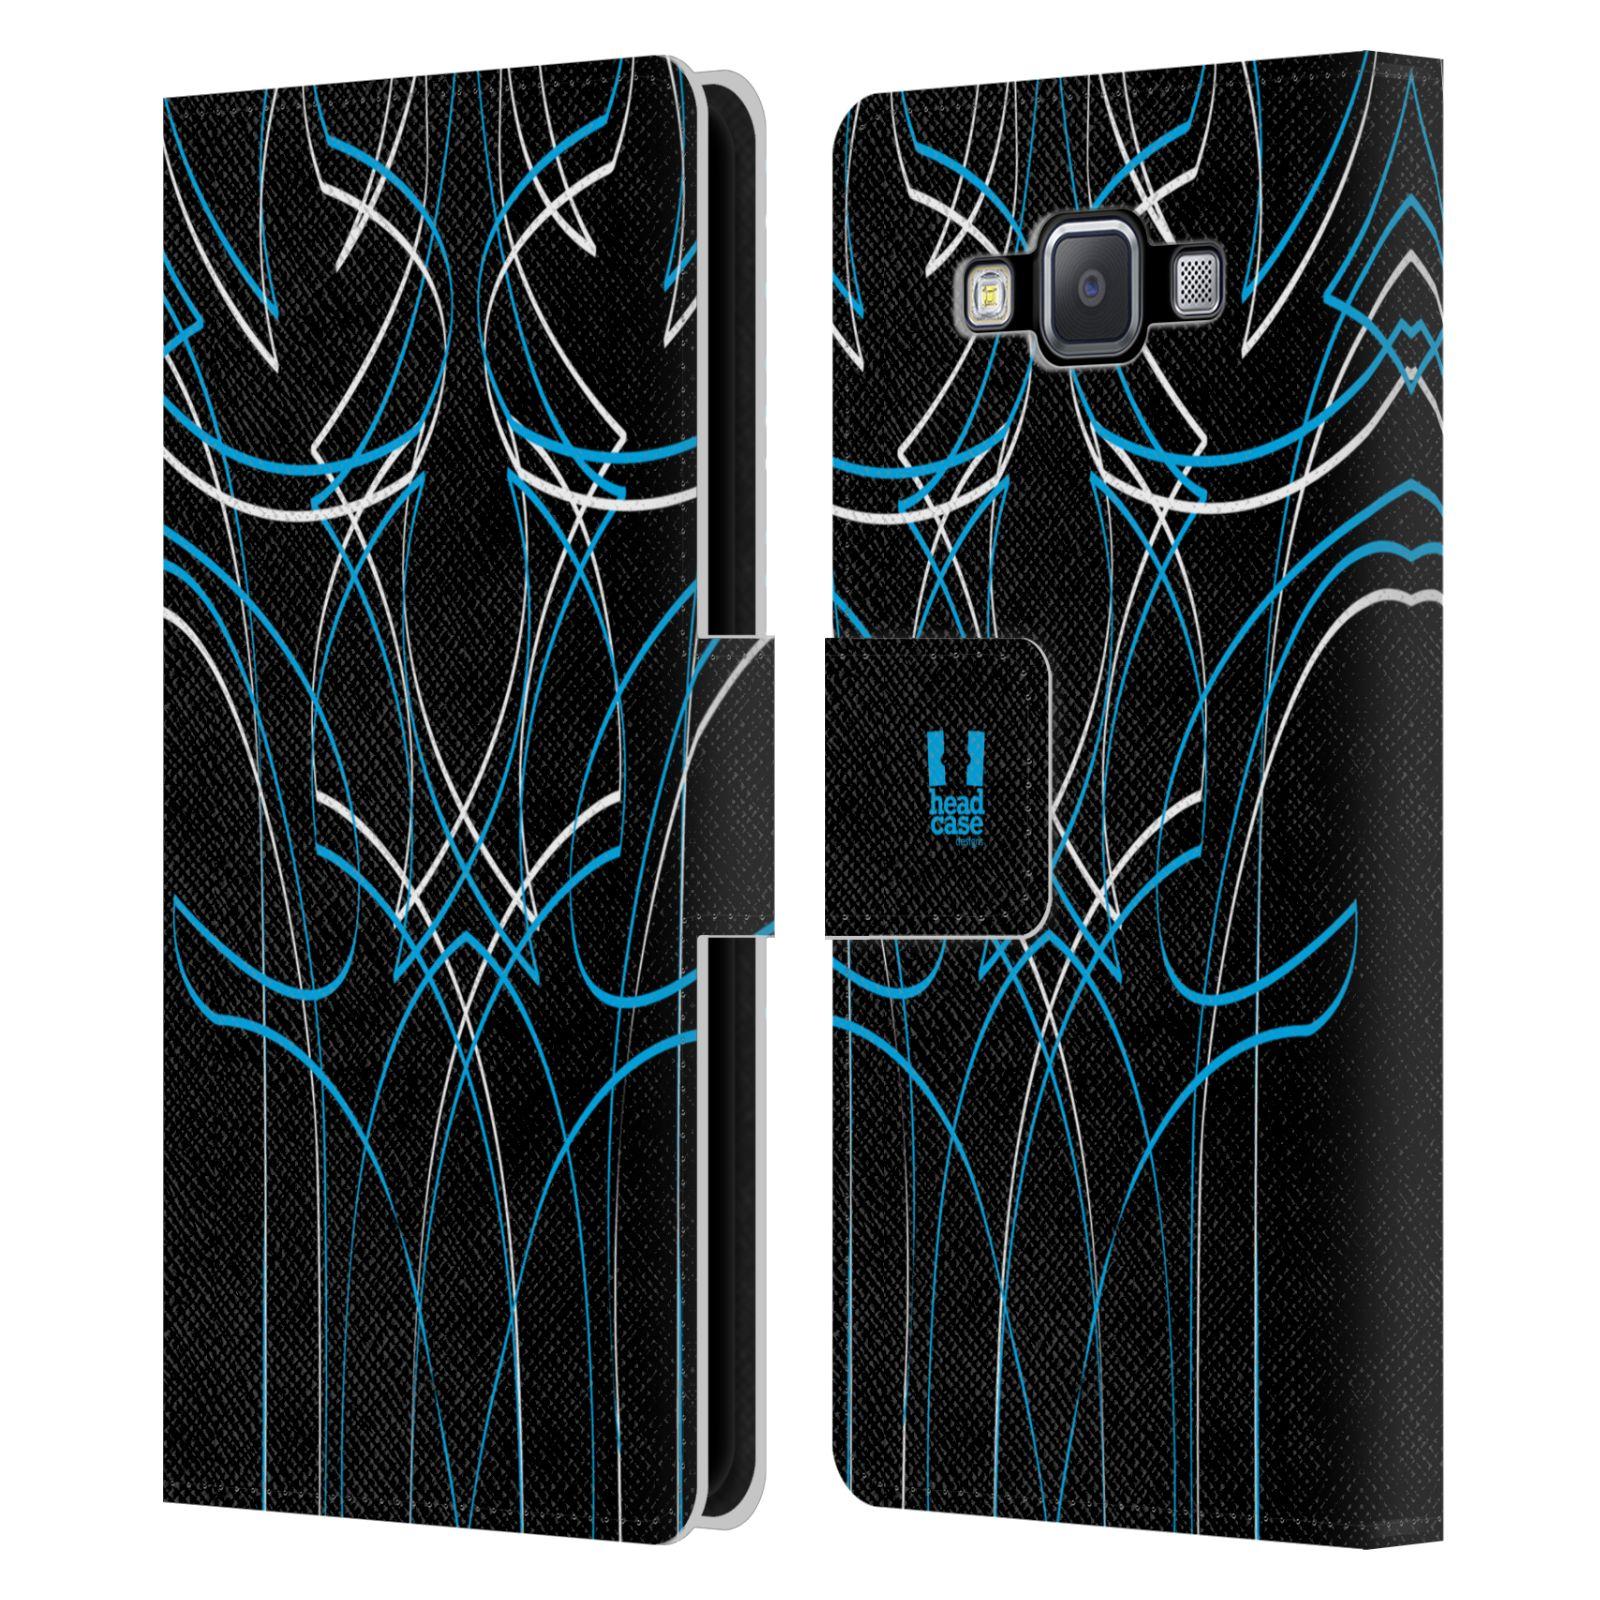 HEAD CASE Flipové pouzdro pro mobil Samsung Galaxy A5 barevné proužky tvary modrá